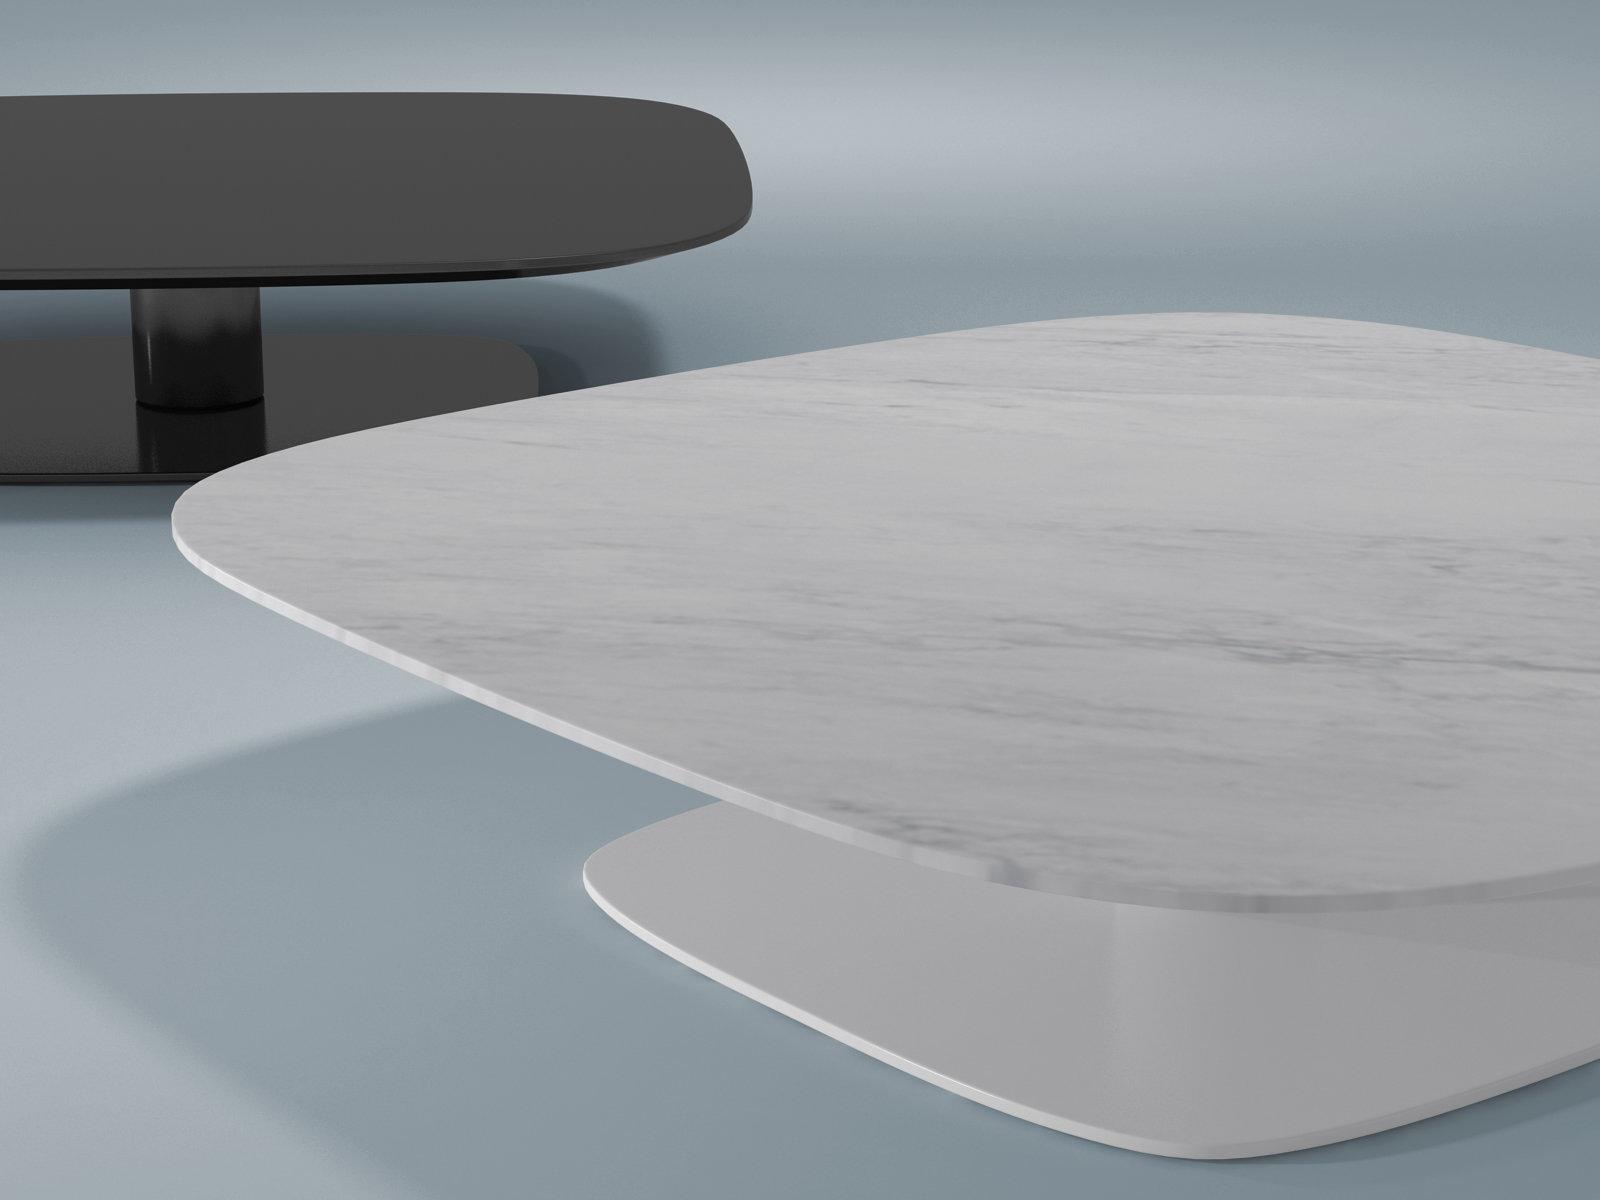 alster 3d model ligne roset. Black Bedroom Furniture Sets. Home Design Ideas